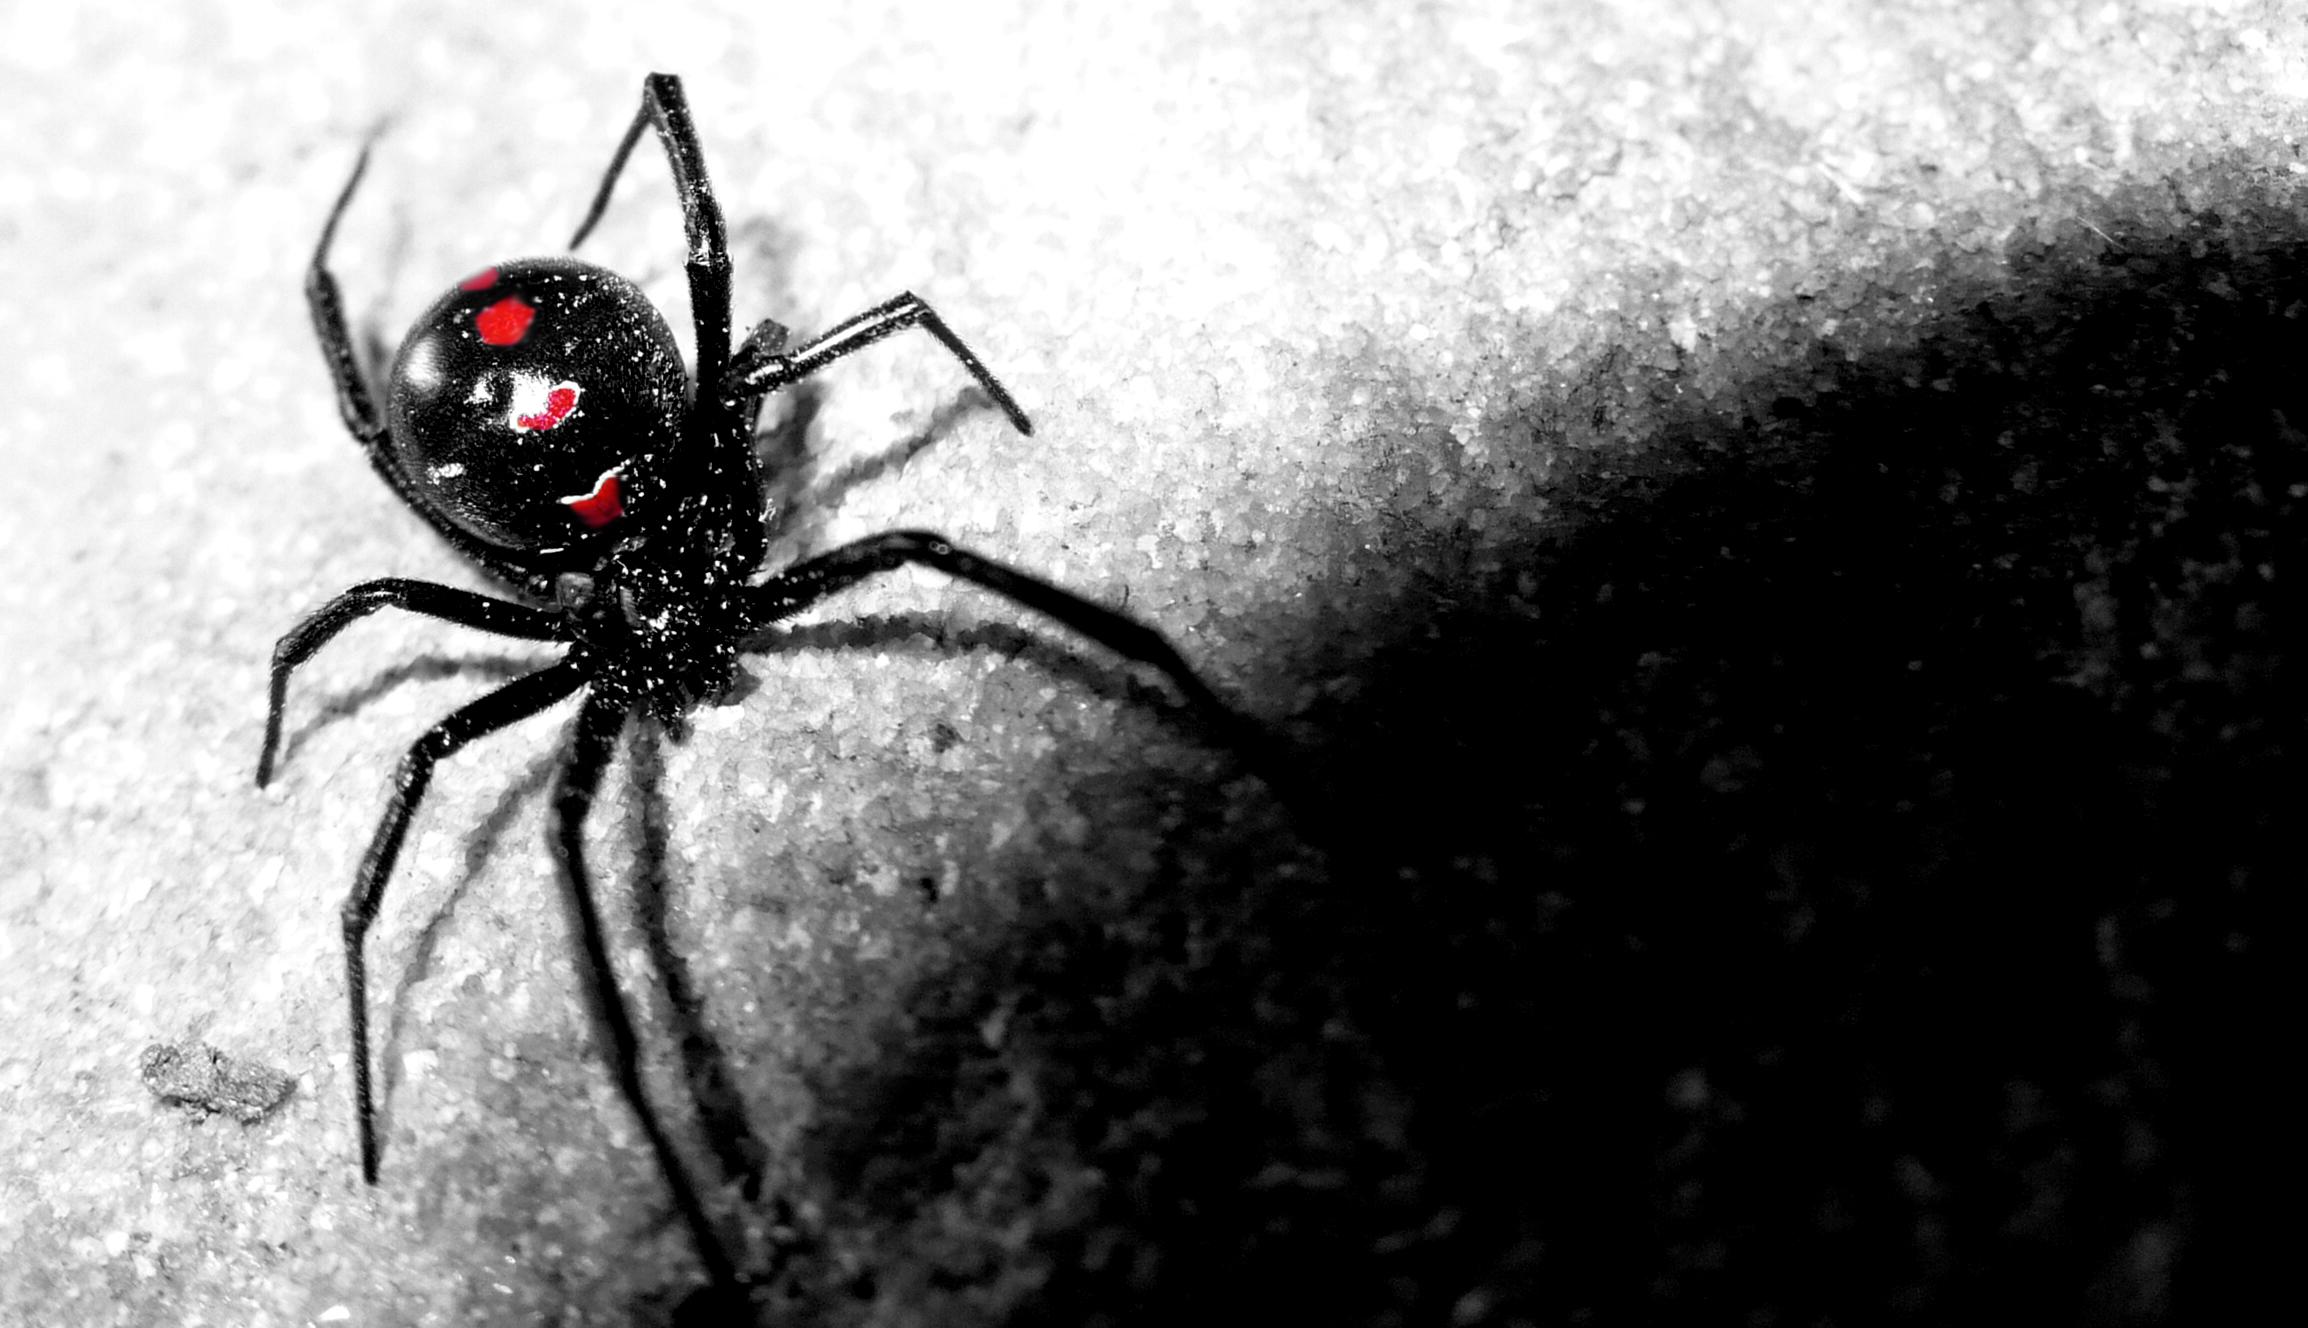 Black Widow Spider   wallpaper 2308x1328